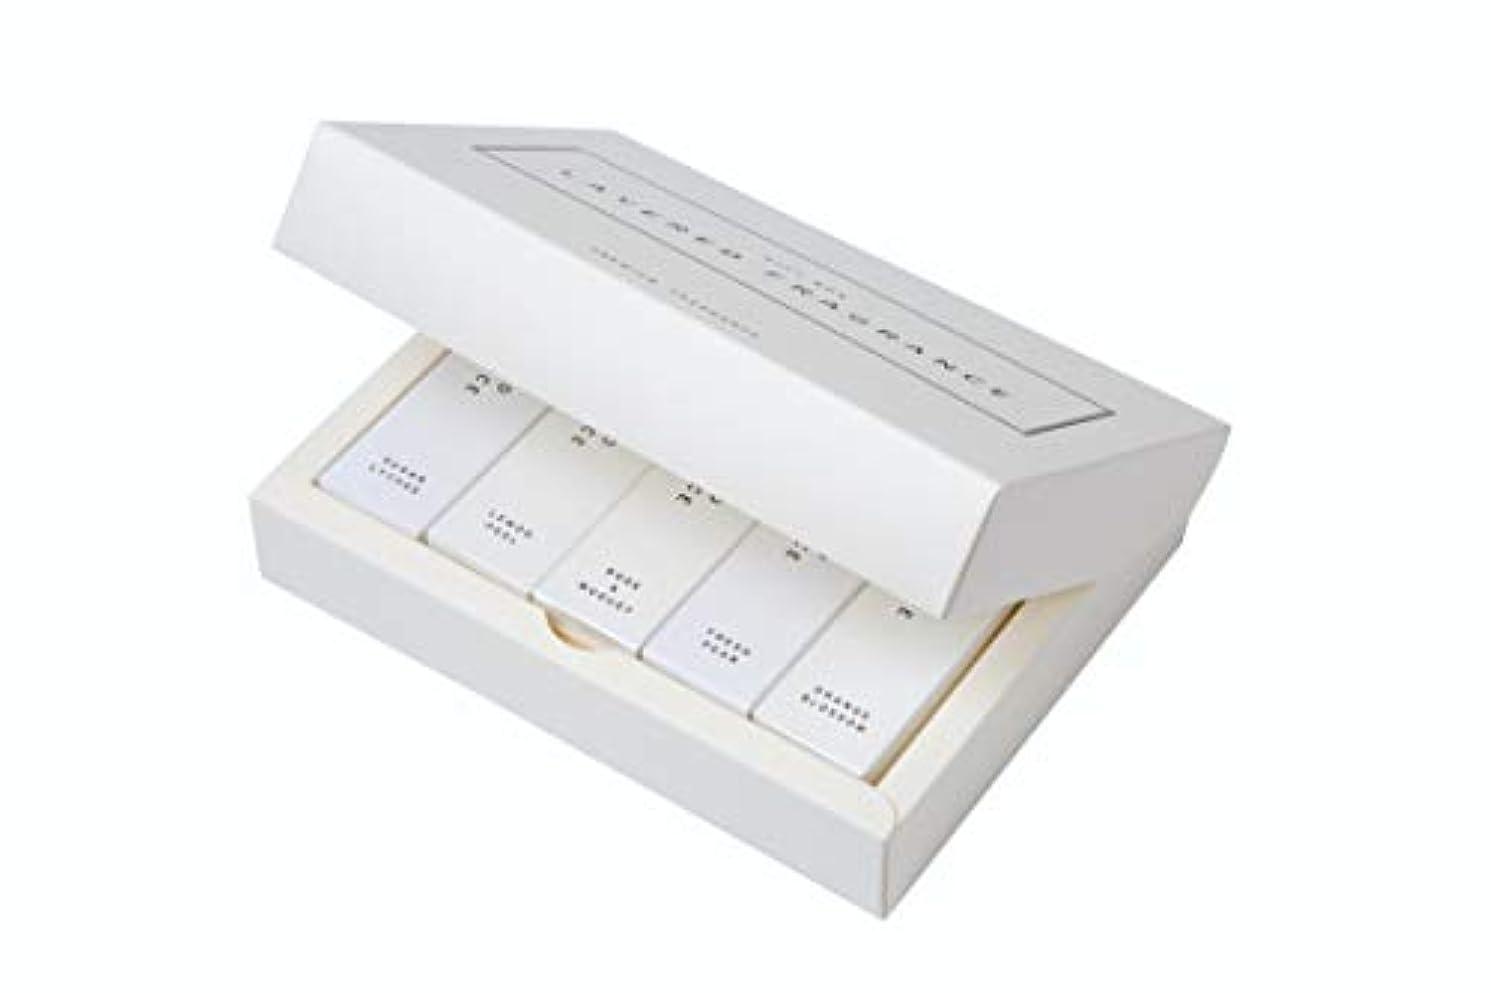 錆び水曜日効果的レイヤードフレグランス ボディスプレー ミニサイズ 5本ギフトセット(BOX付) LAYERED FRAGRANCE BODY SPRAY MINI SIZE GIFT SET with GIFT BOX